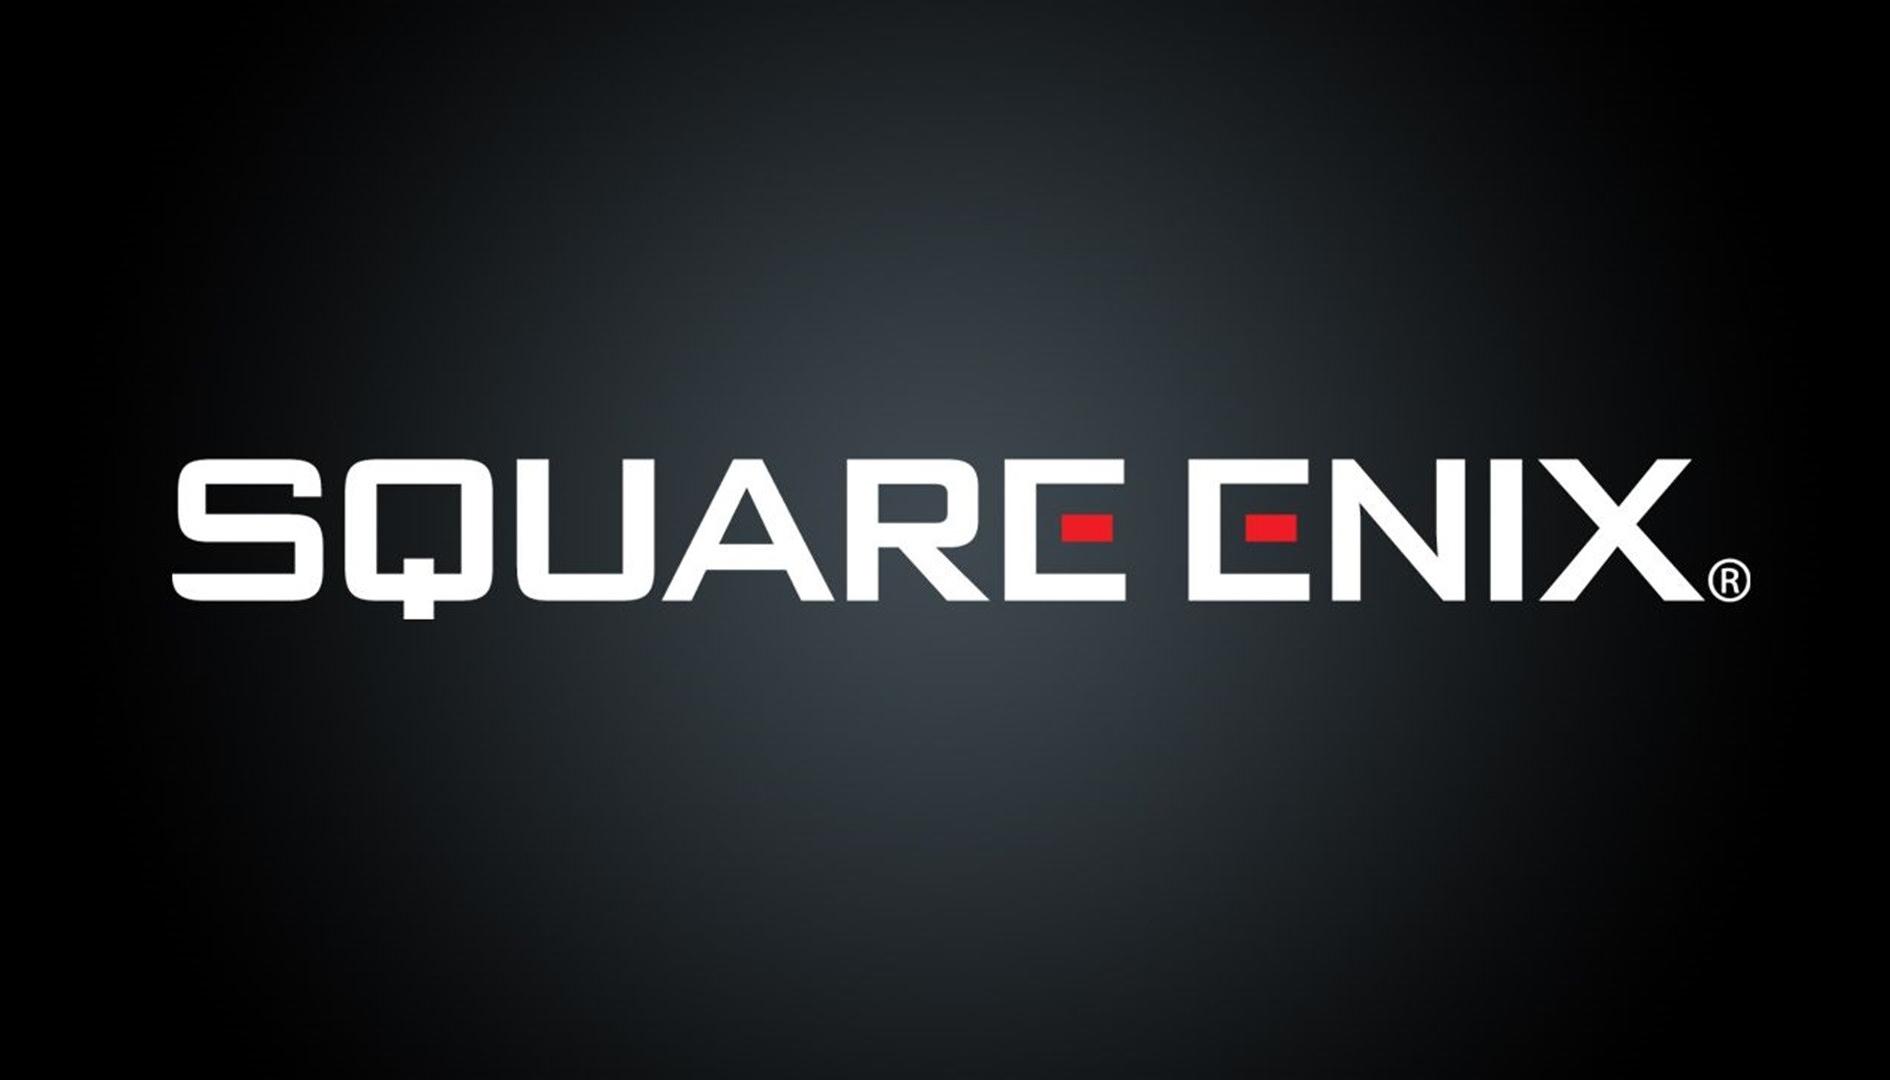 Square Enix al lavoro sulla prossima grande innovazione del gaming